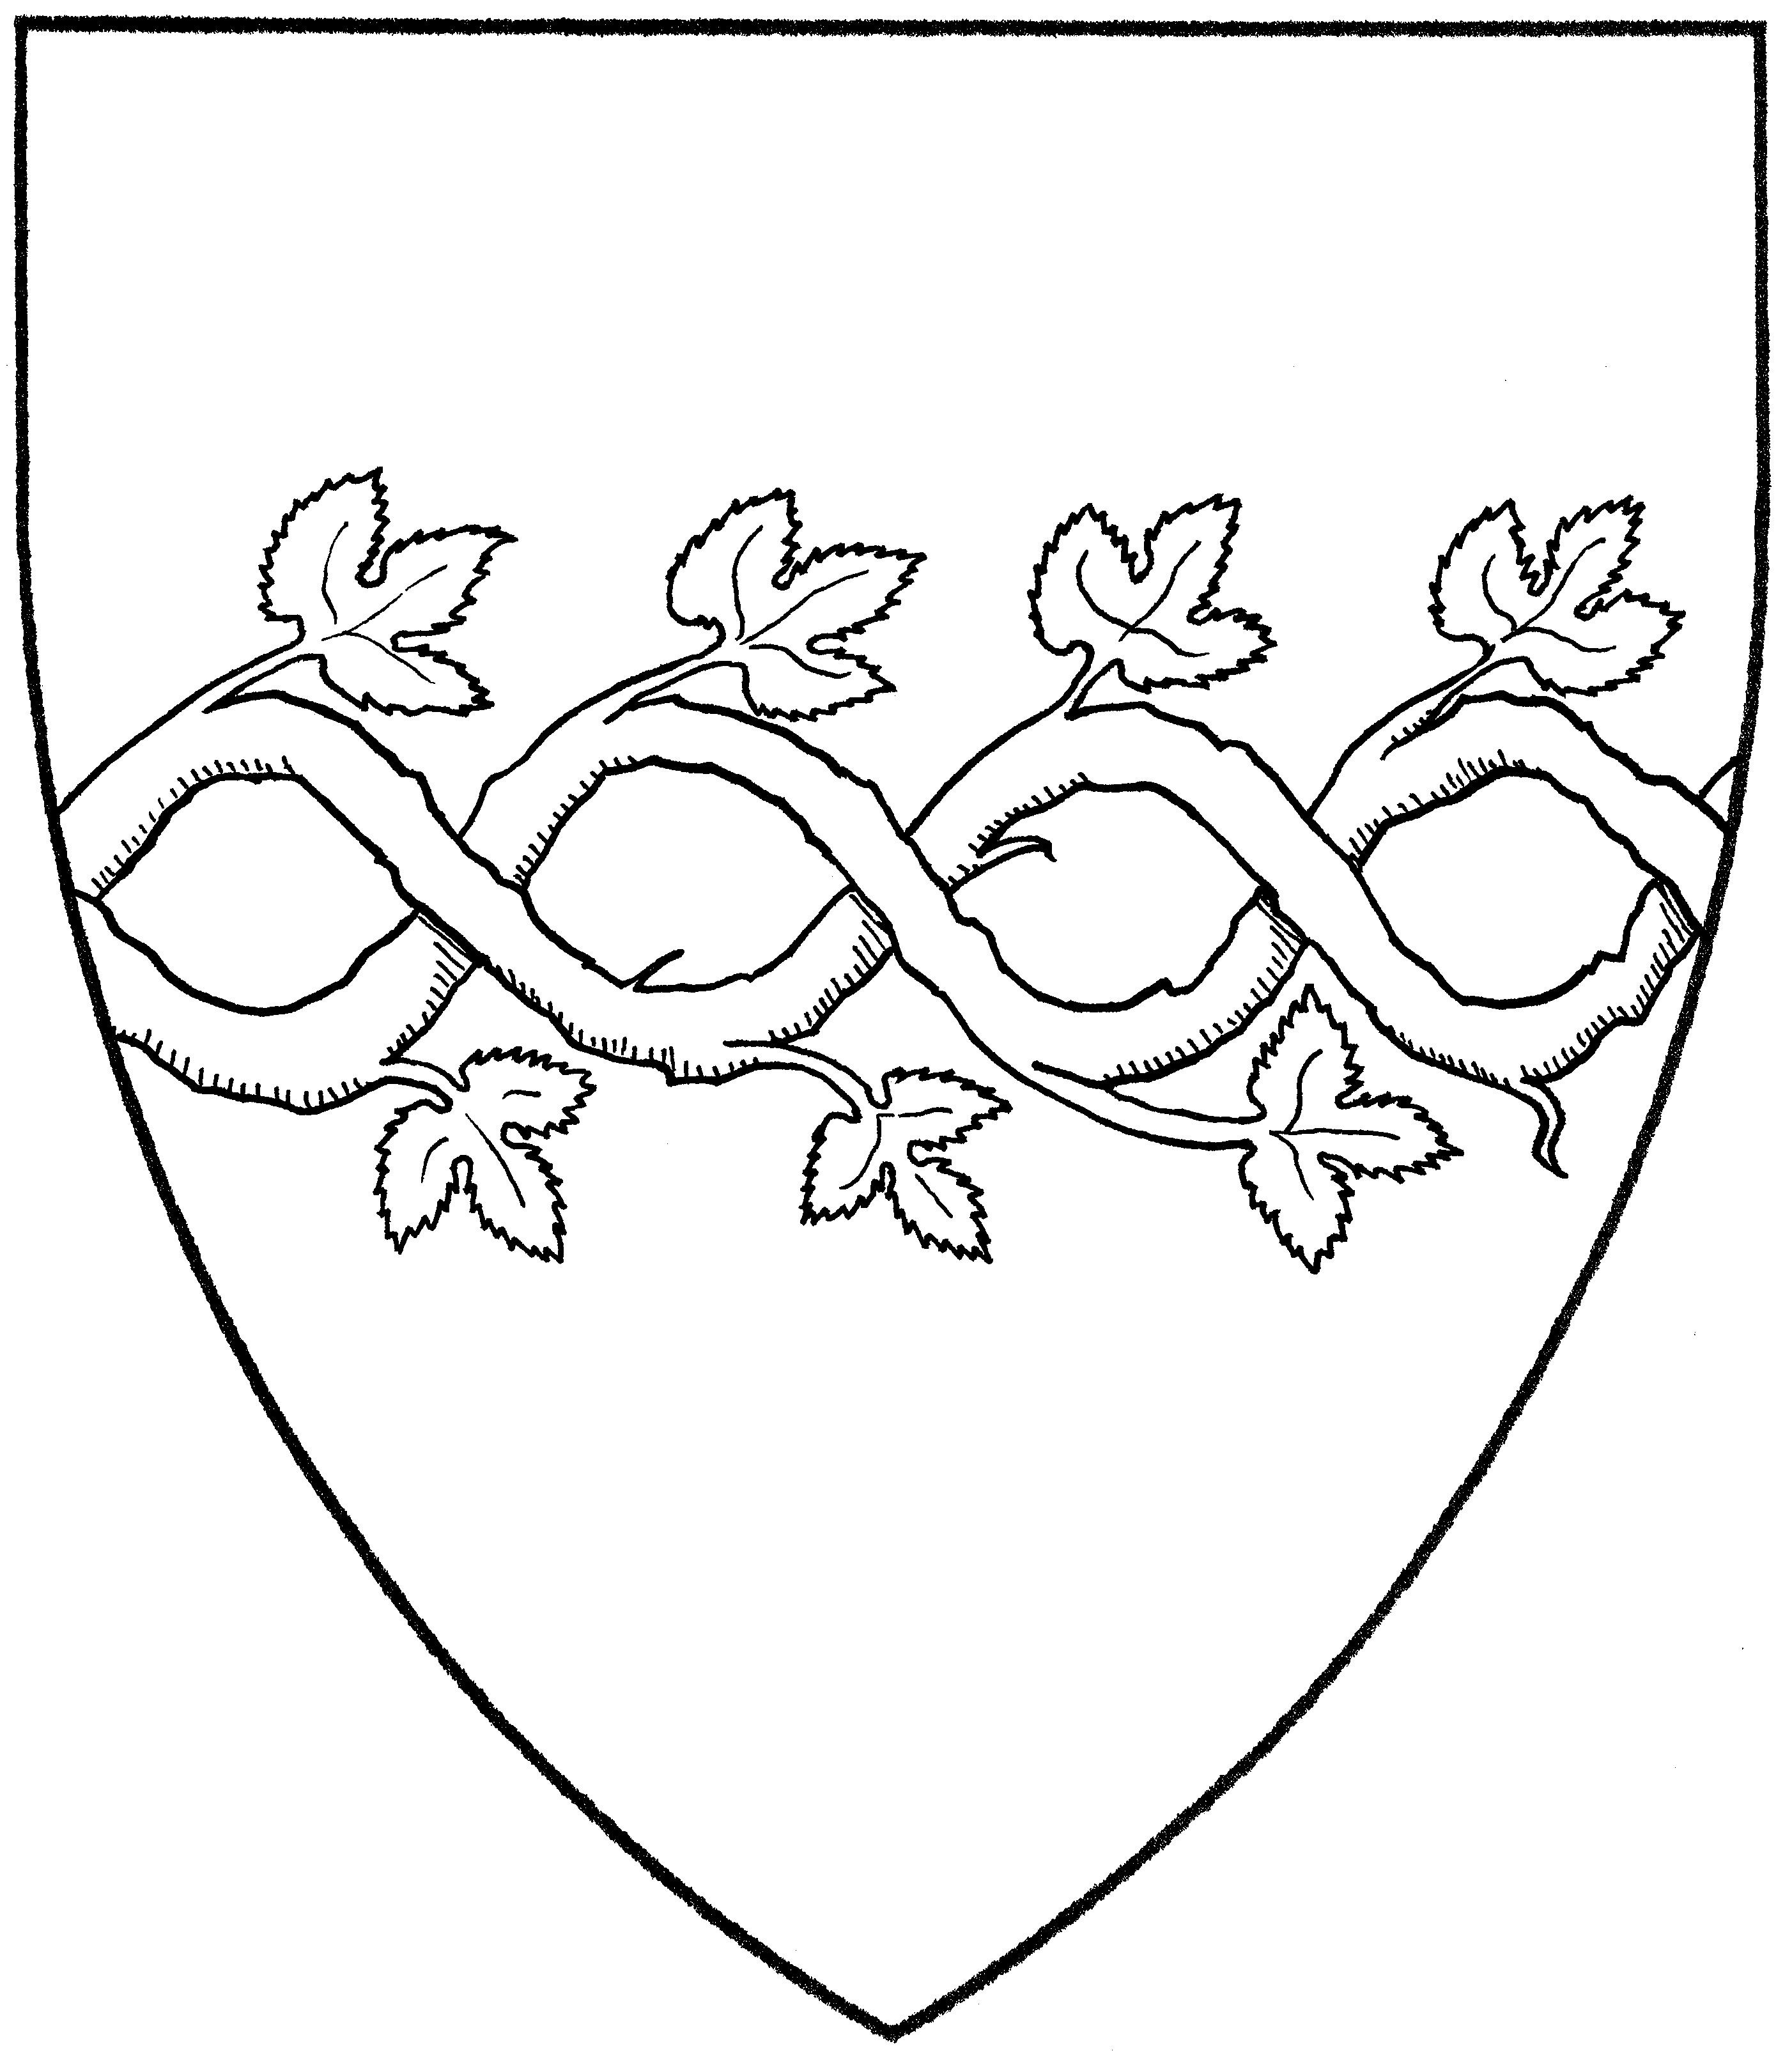 Vine | Mistholme for Drawing Grape Vines  285eri